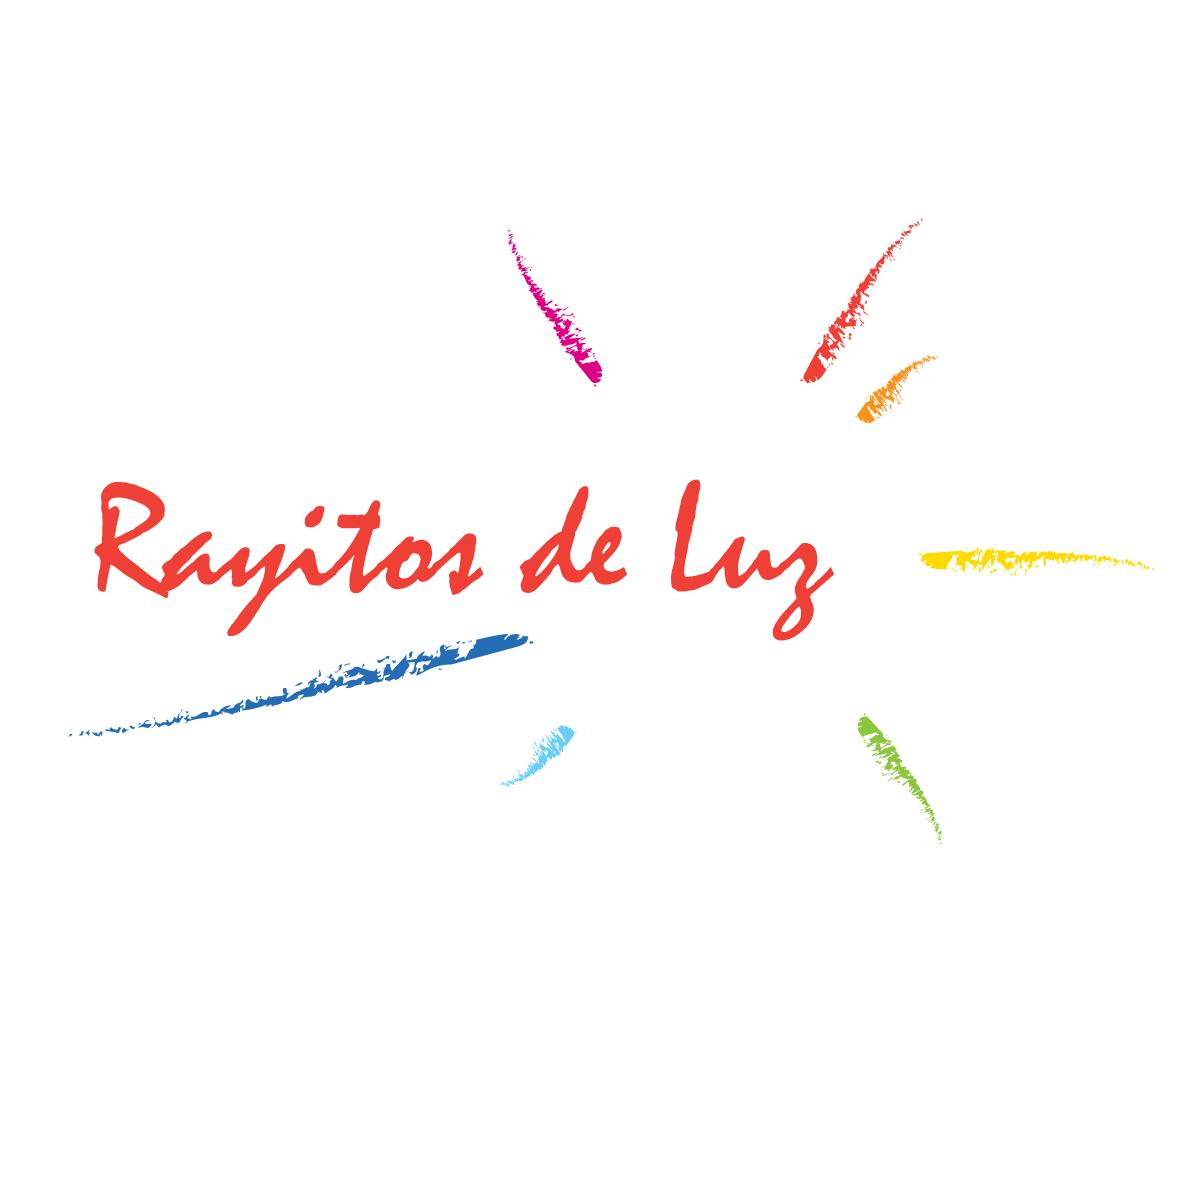 RayitosDeLuz_logo_01.jpg